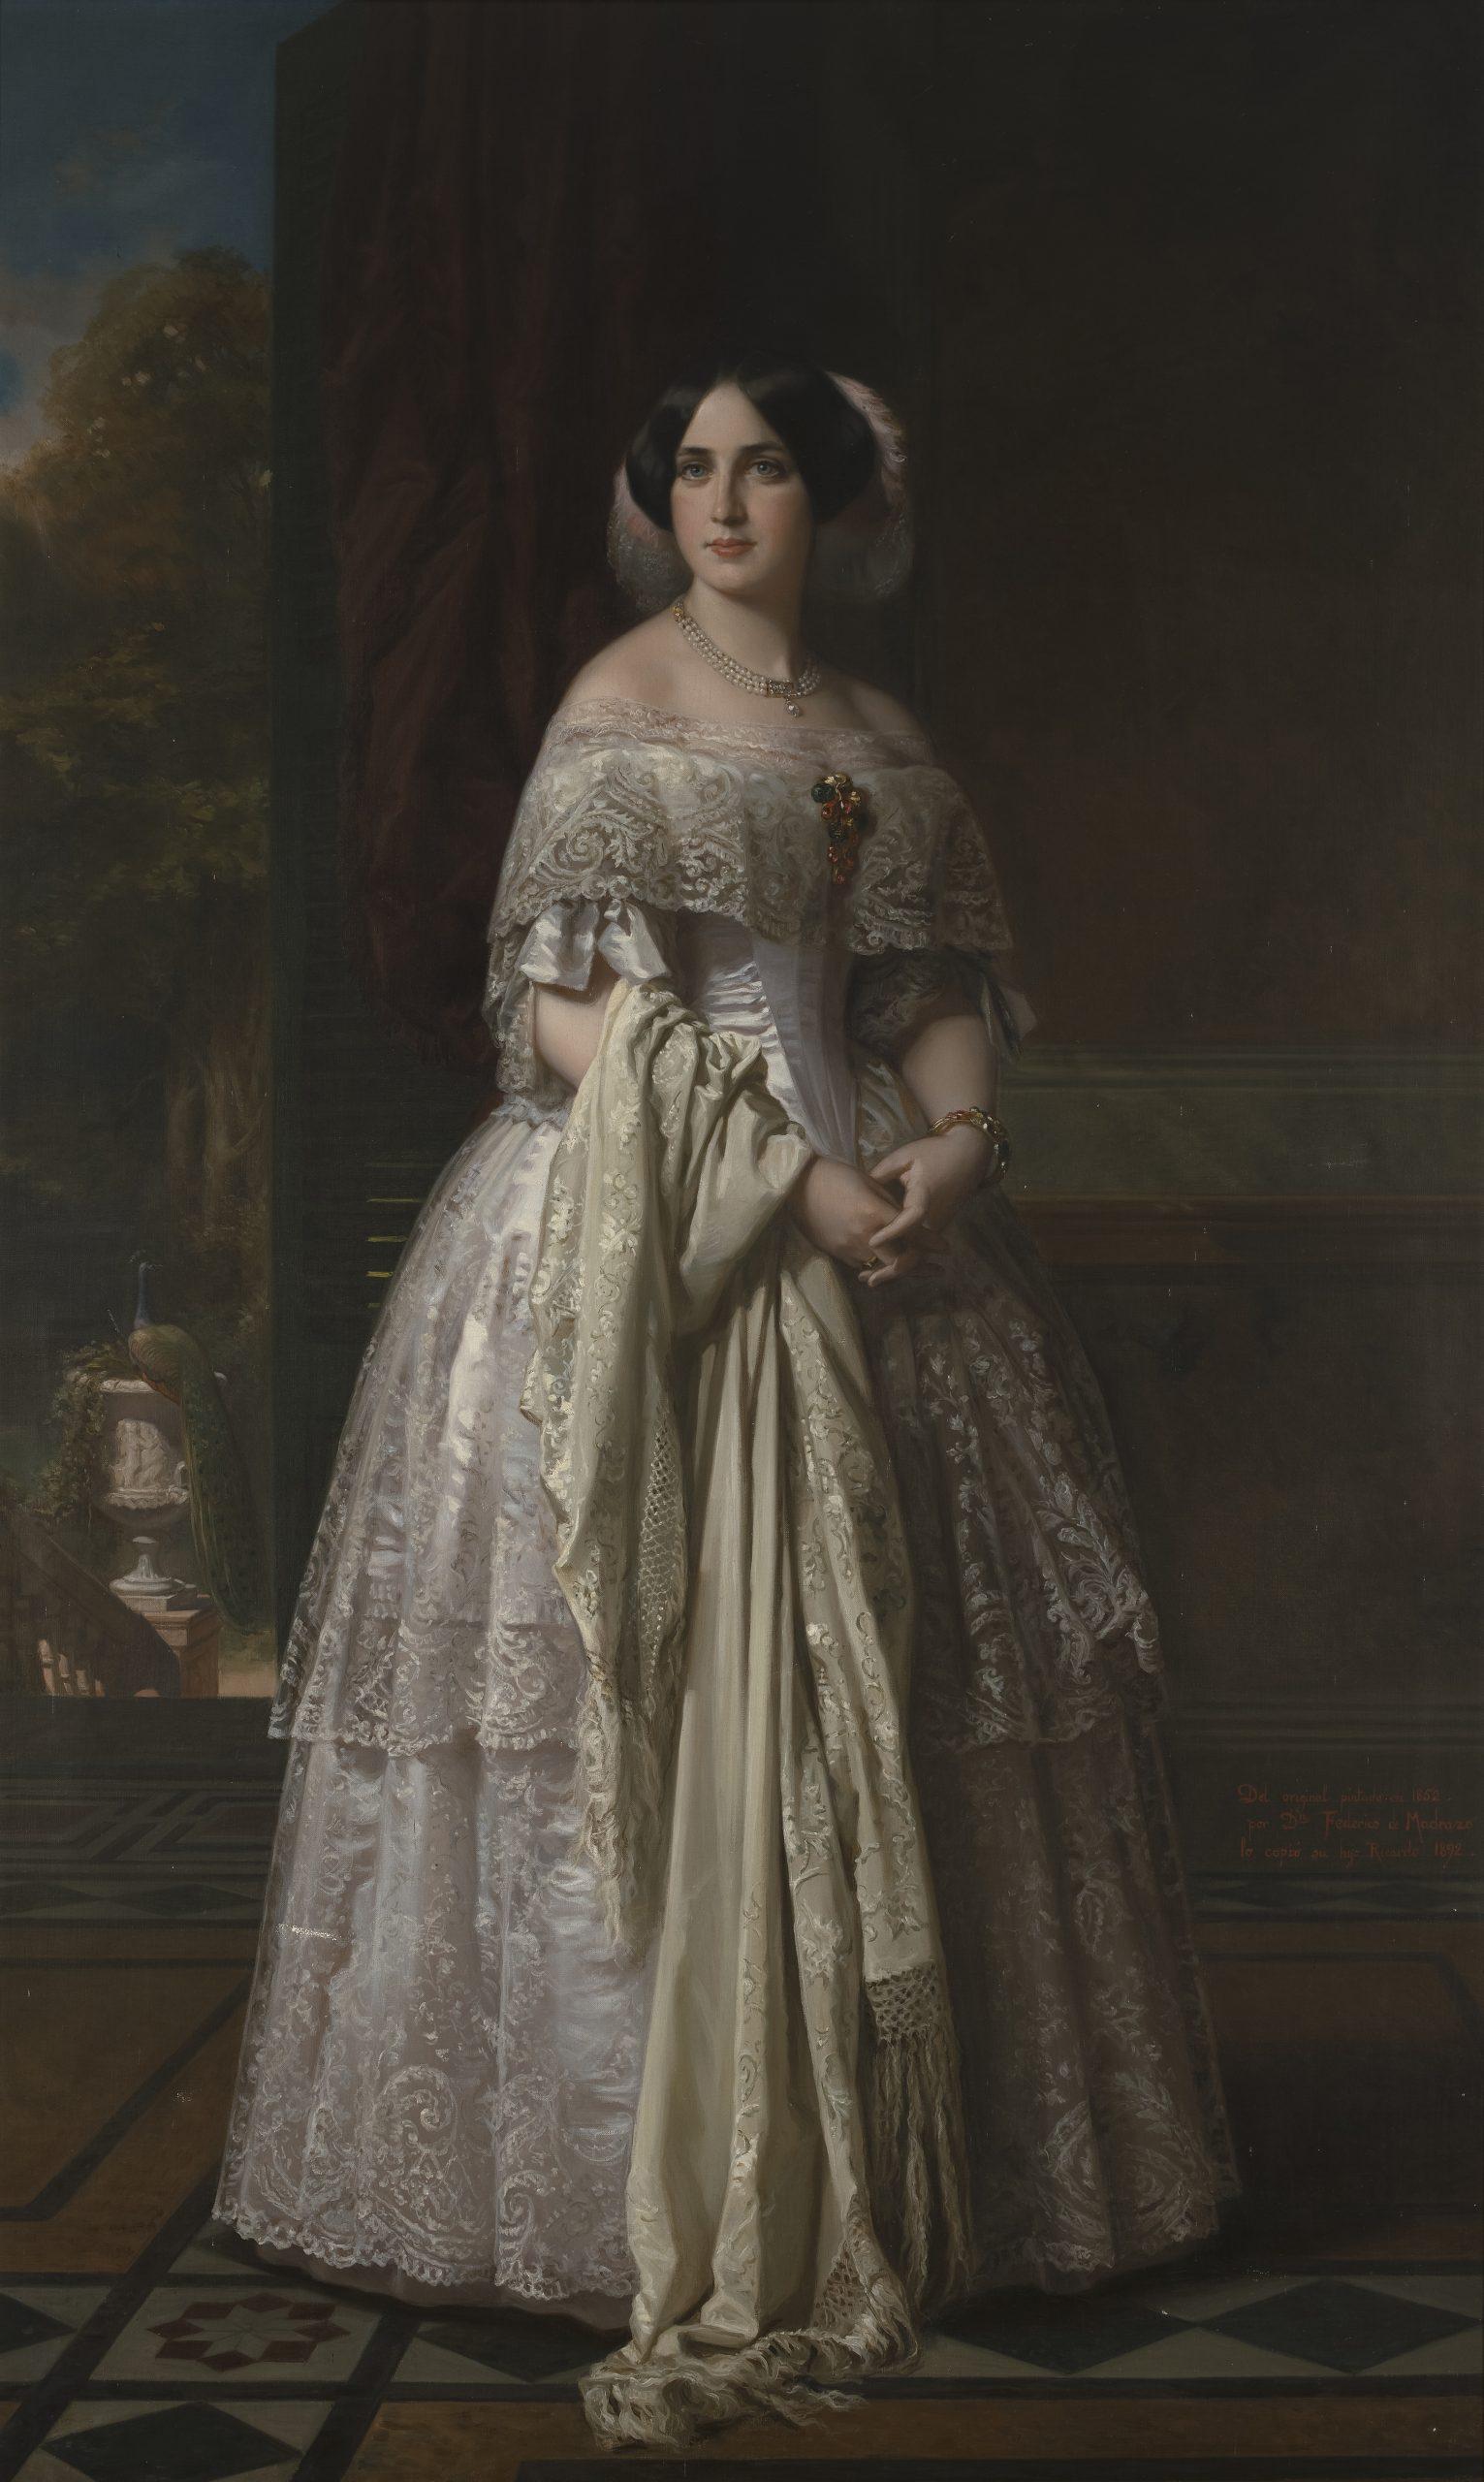 Retrato de la Marquesa de Espeja, Ricardo de Madrazo y GarretaEdad Contemporánea. 1892Óleo sobre lienzo / 211 x 126 cm.[B/74/3/30] Sala IX.